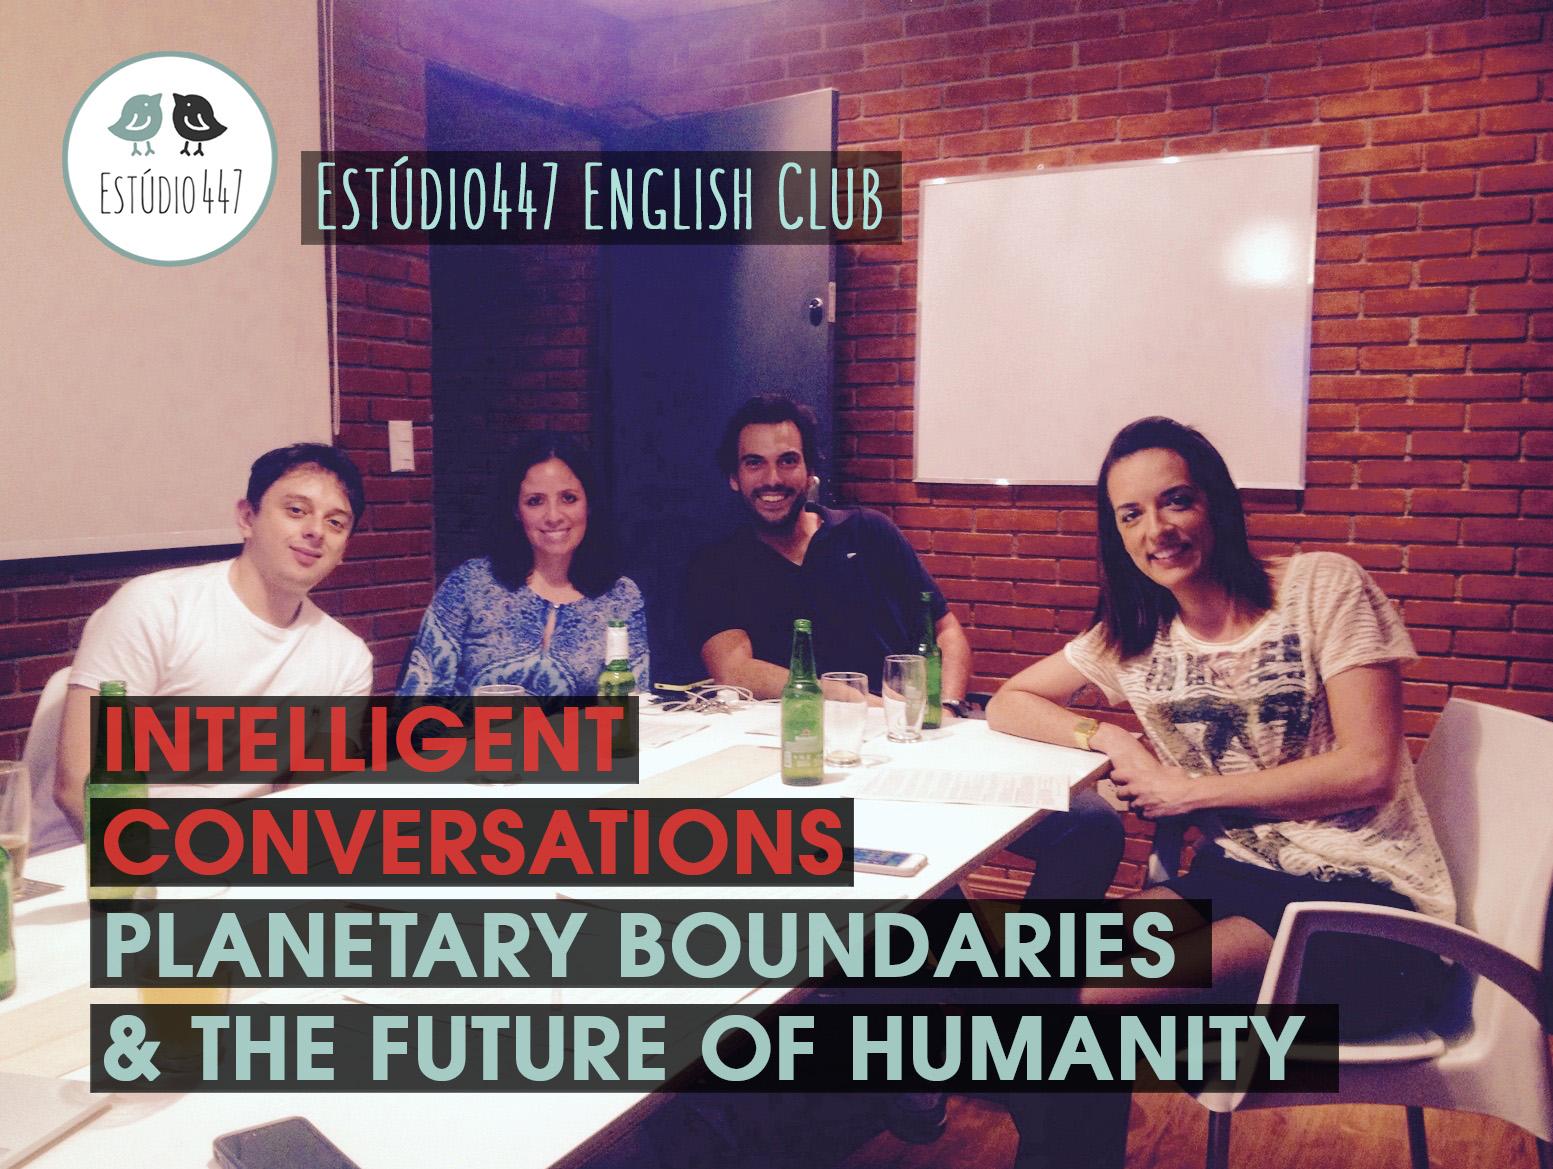 Estúdio447 Coworking Moema & English Club - PLanetary Boundaries Workshop